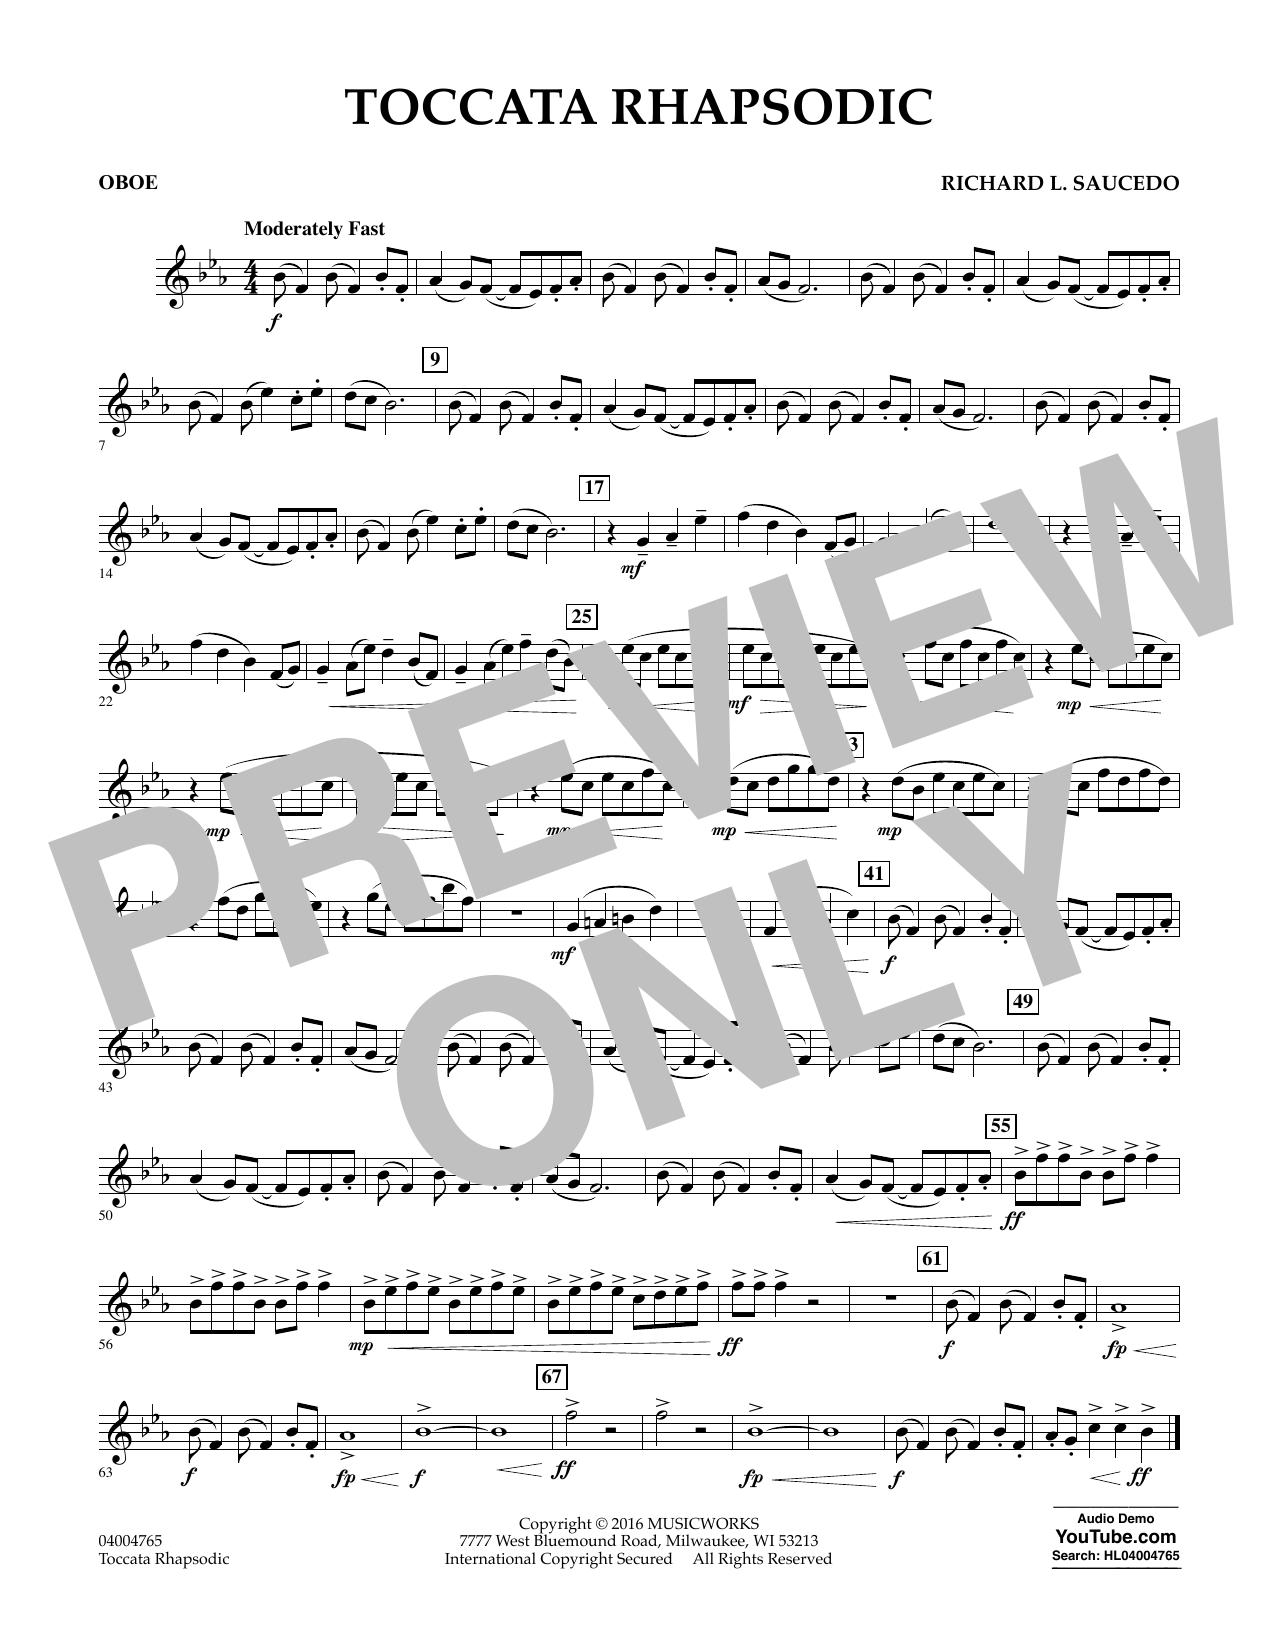 Toccata Rhapsodic - Oboe